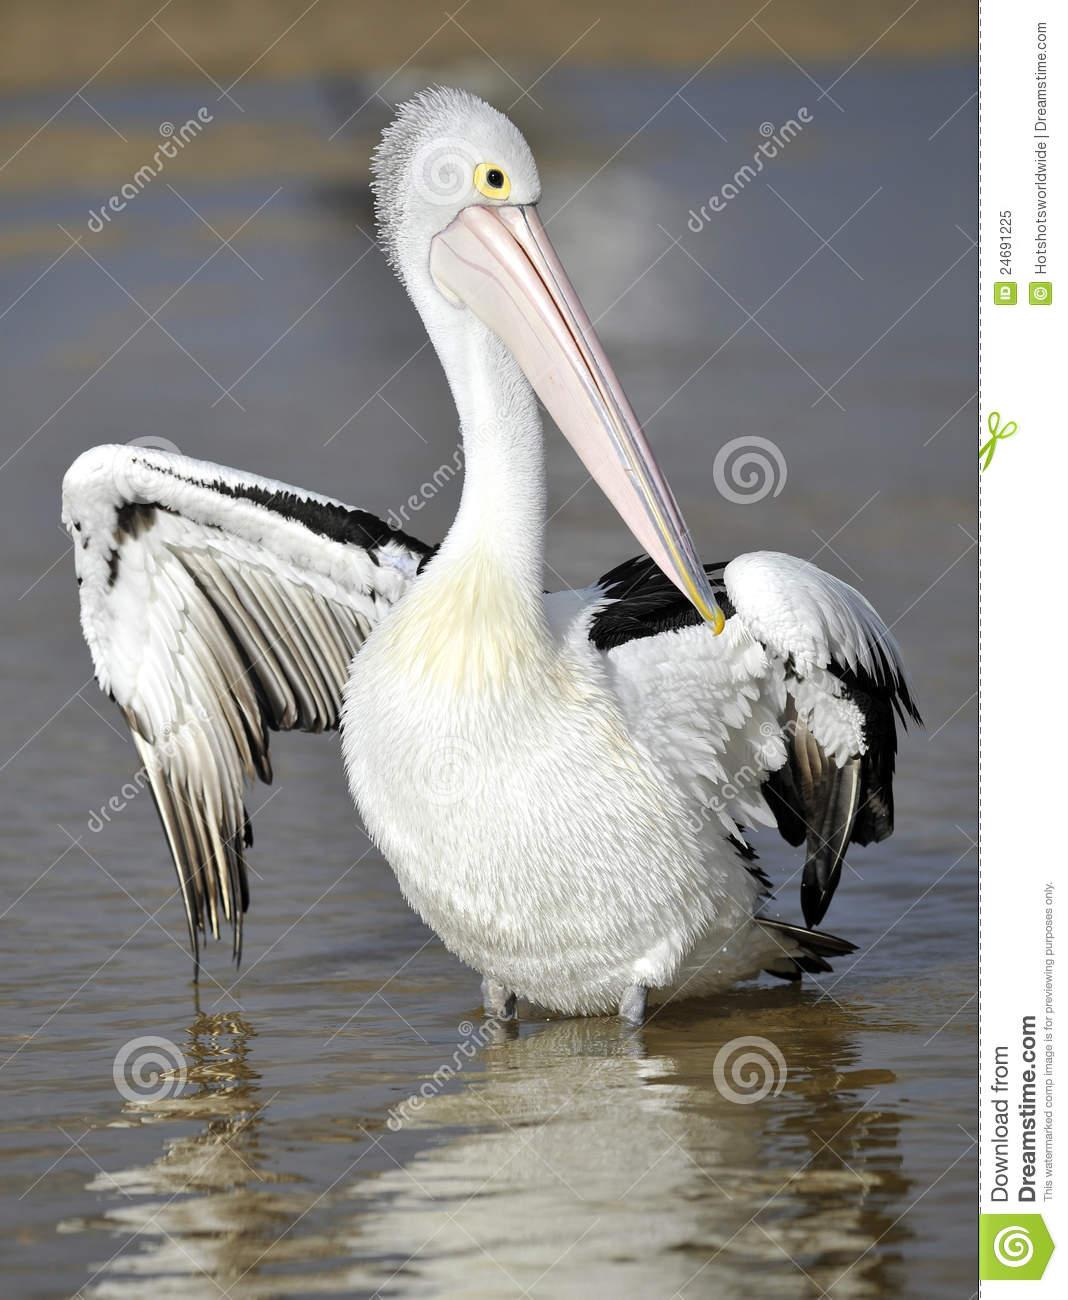 Australian Pelican, White Bird, Australia Royalty Free Stock Photo.